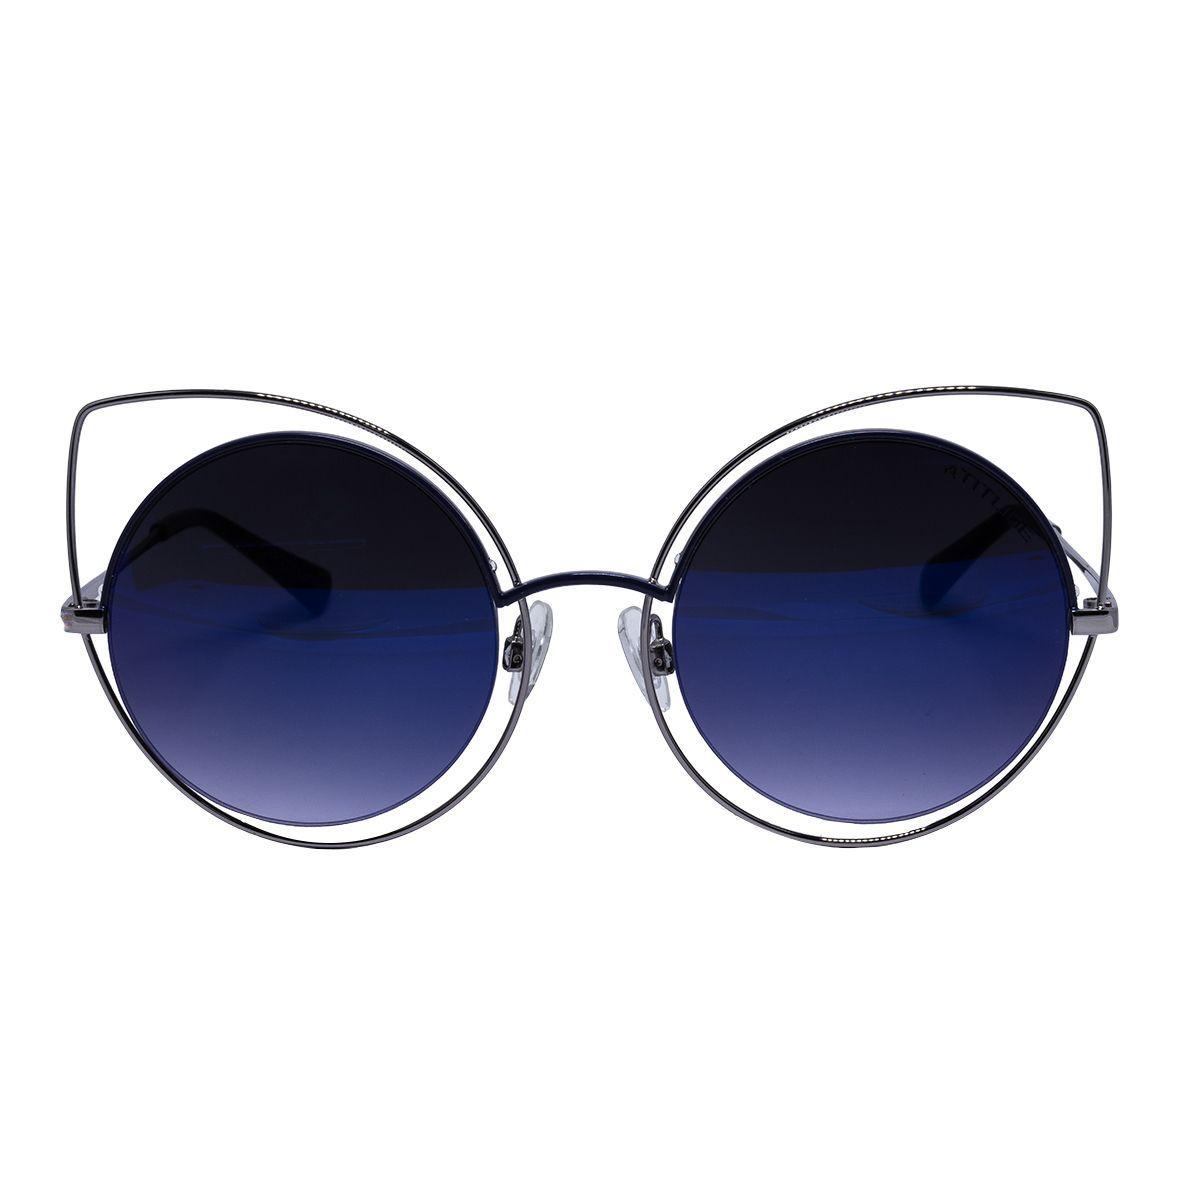 90fcaa23e927a Óculos de Sol Atitude Gatinha AT3181 - metal prata